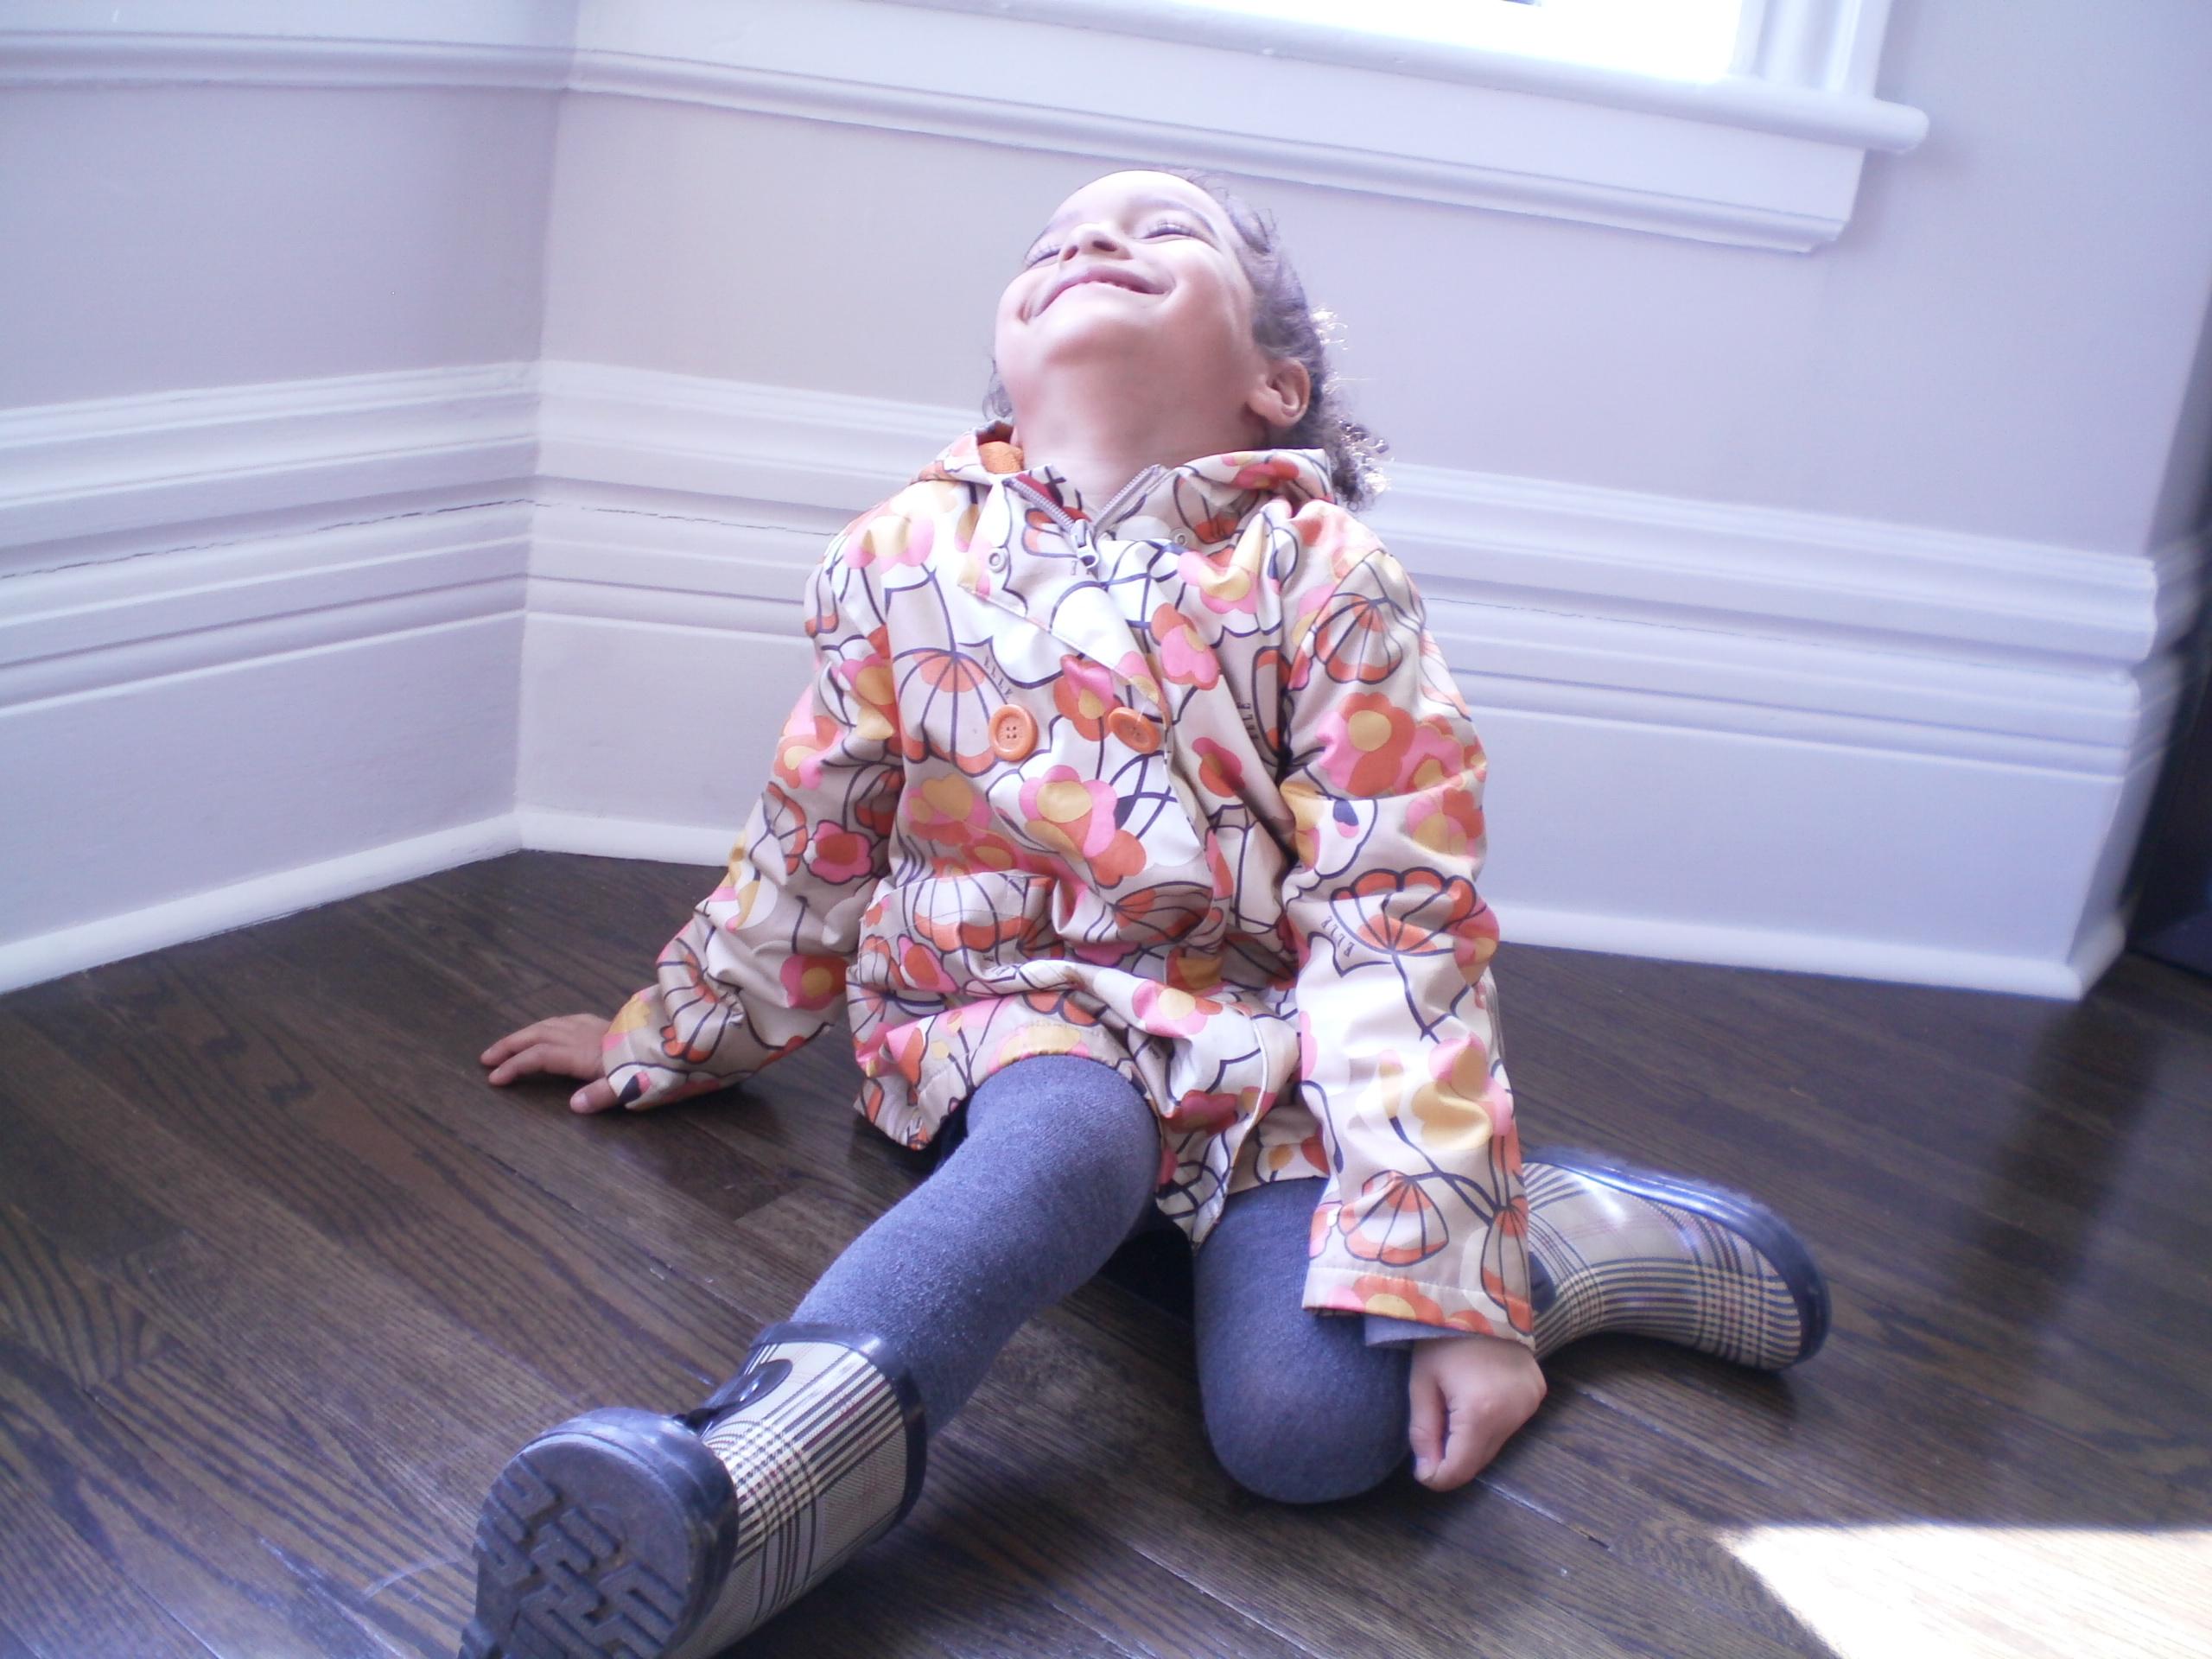 Urban Kid Closet – May 23rd, 2013